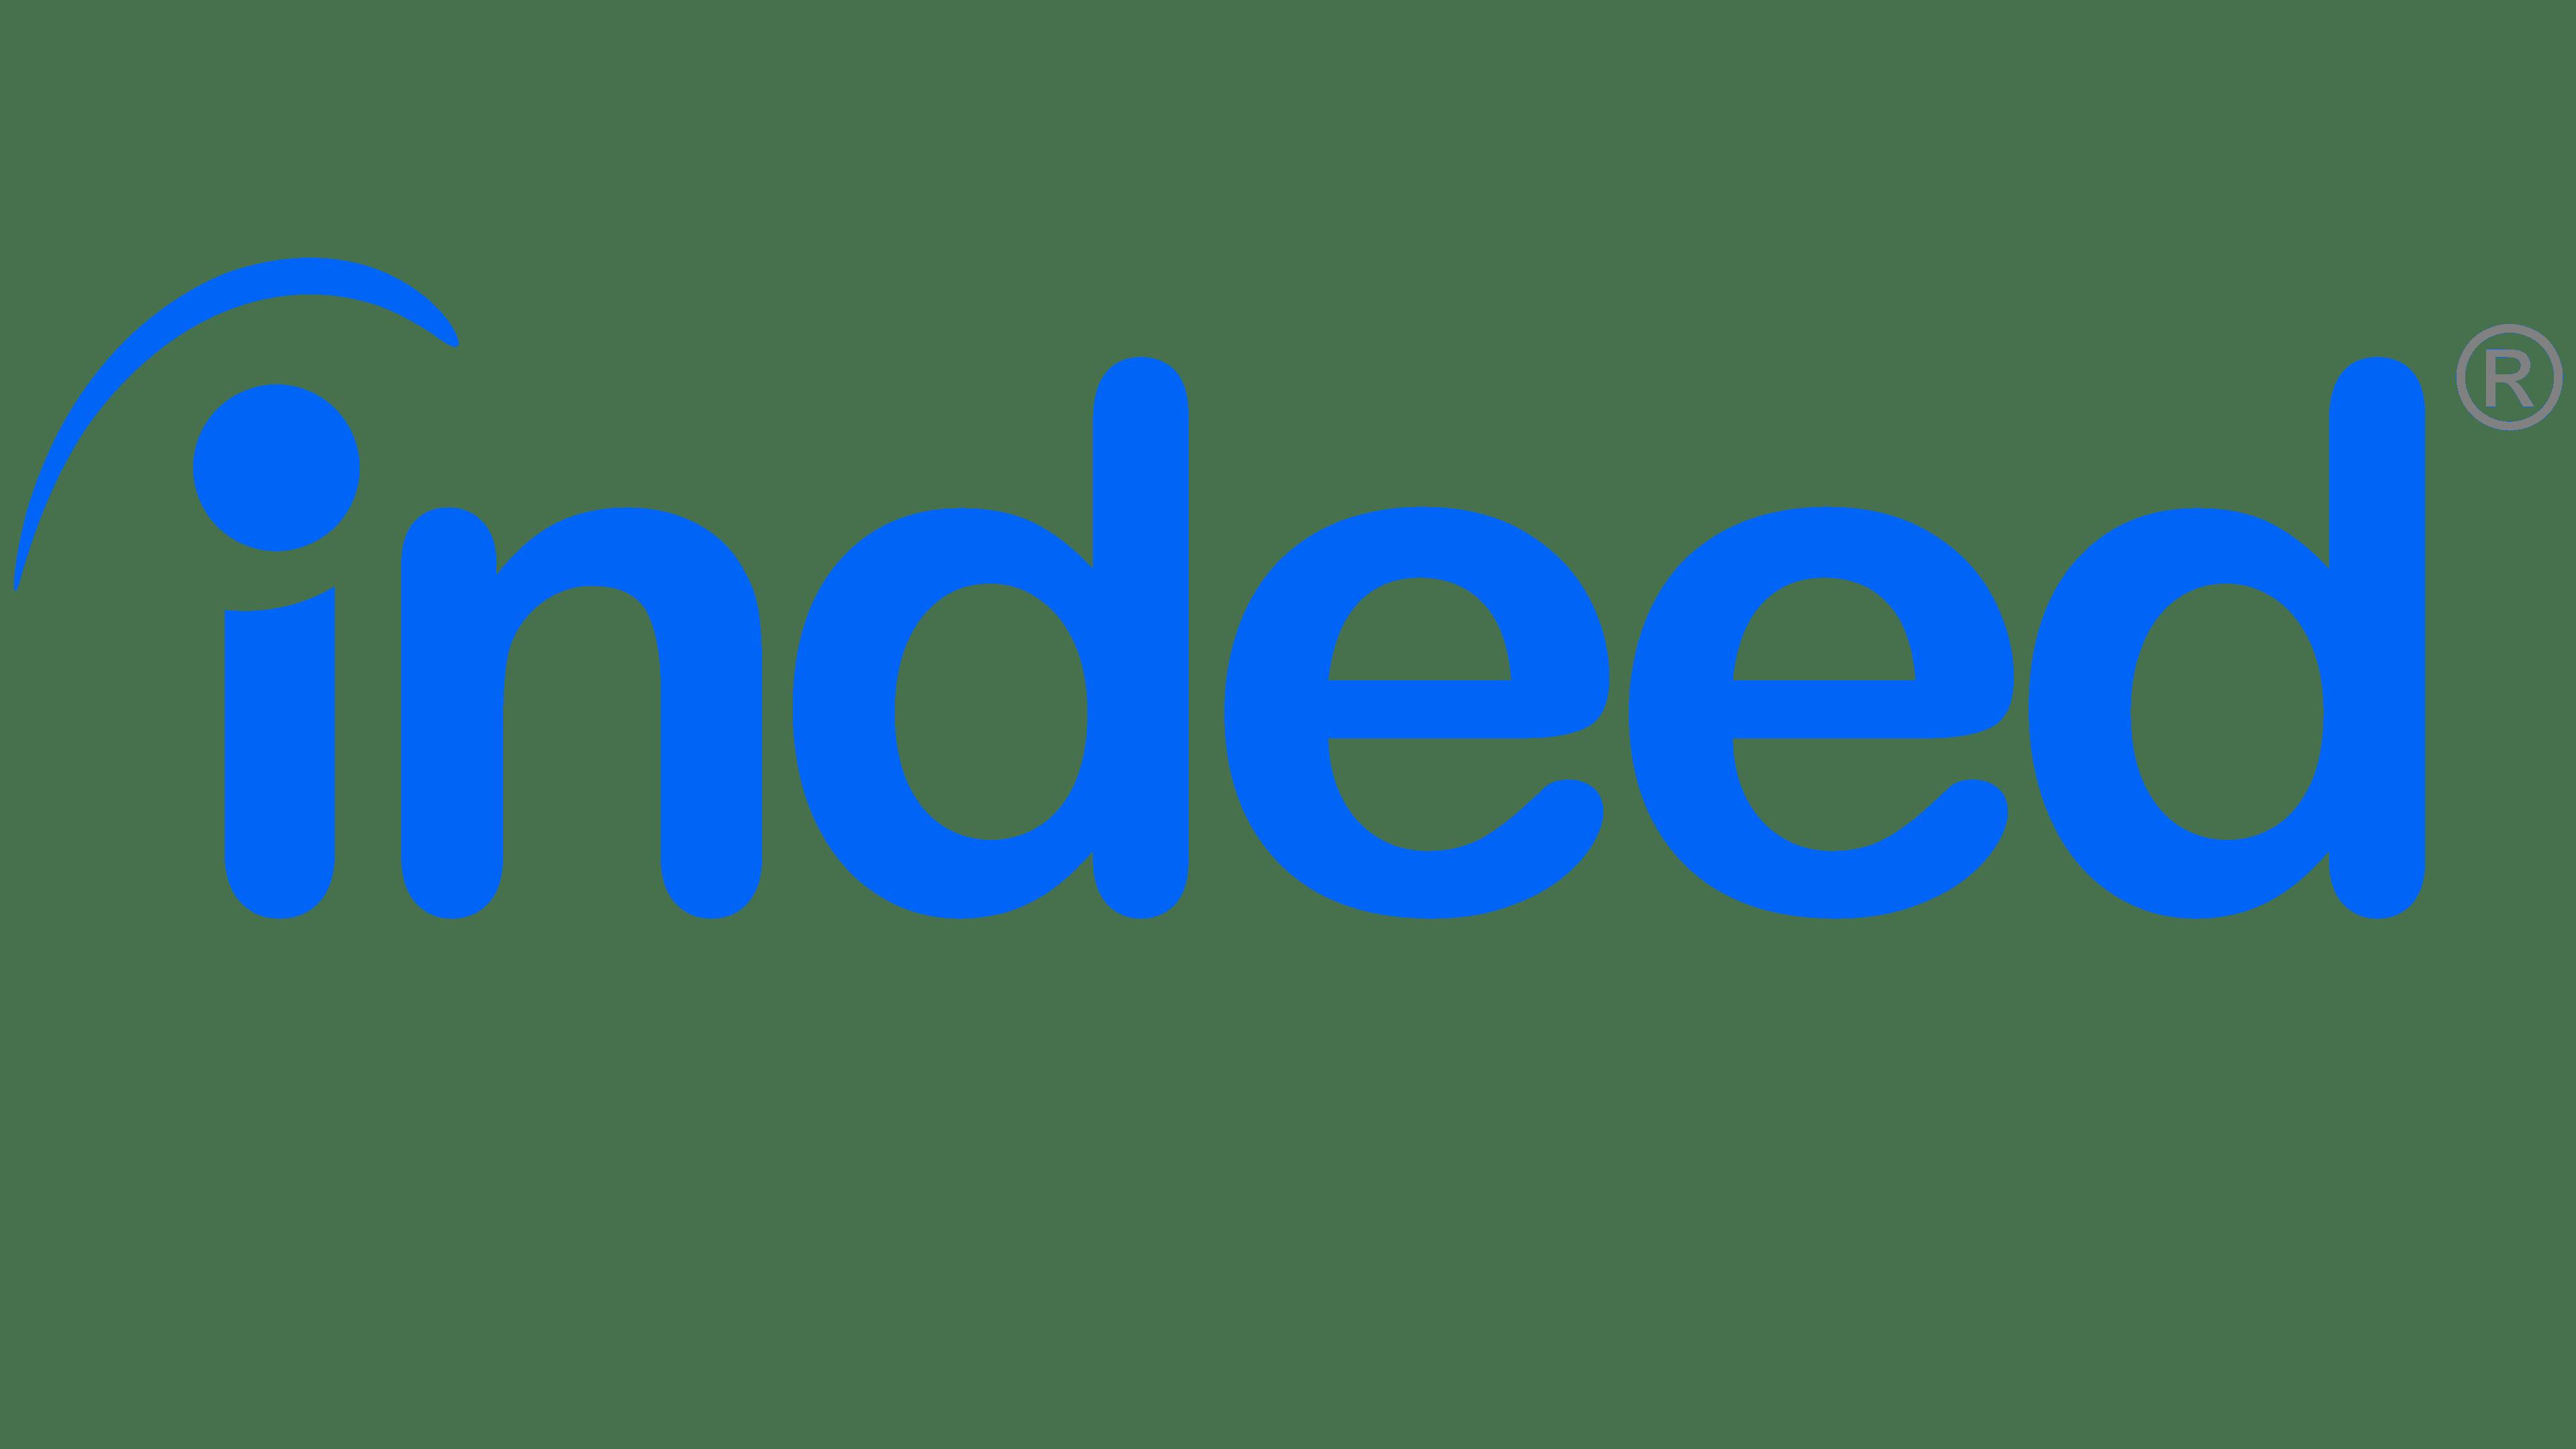 Indeed Logo : histoire, signification de l'emblème